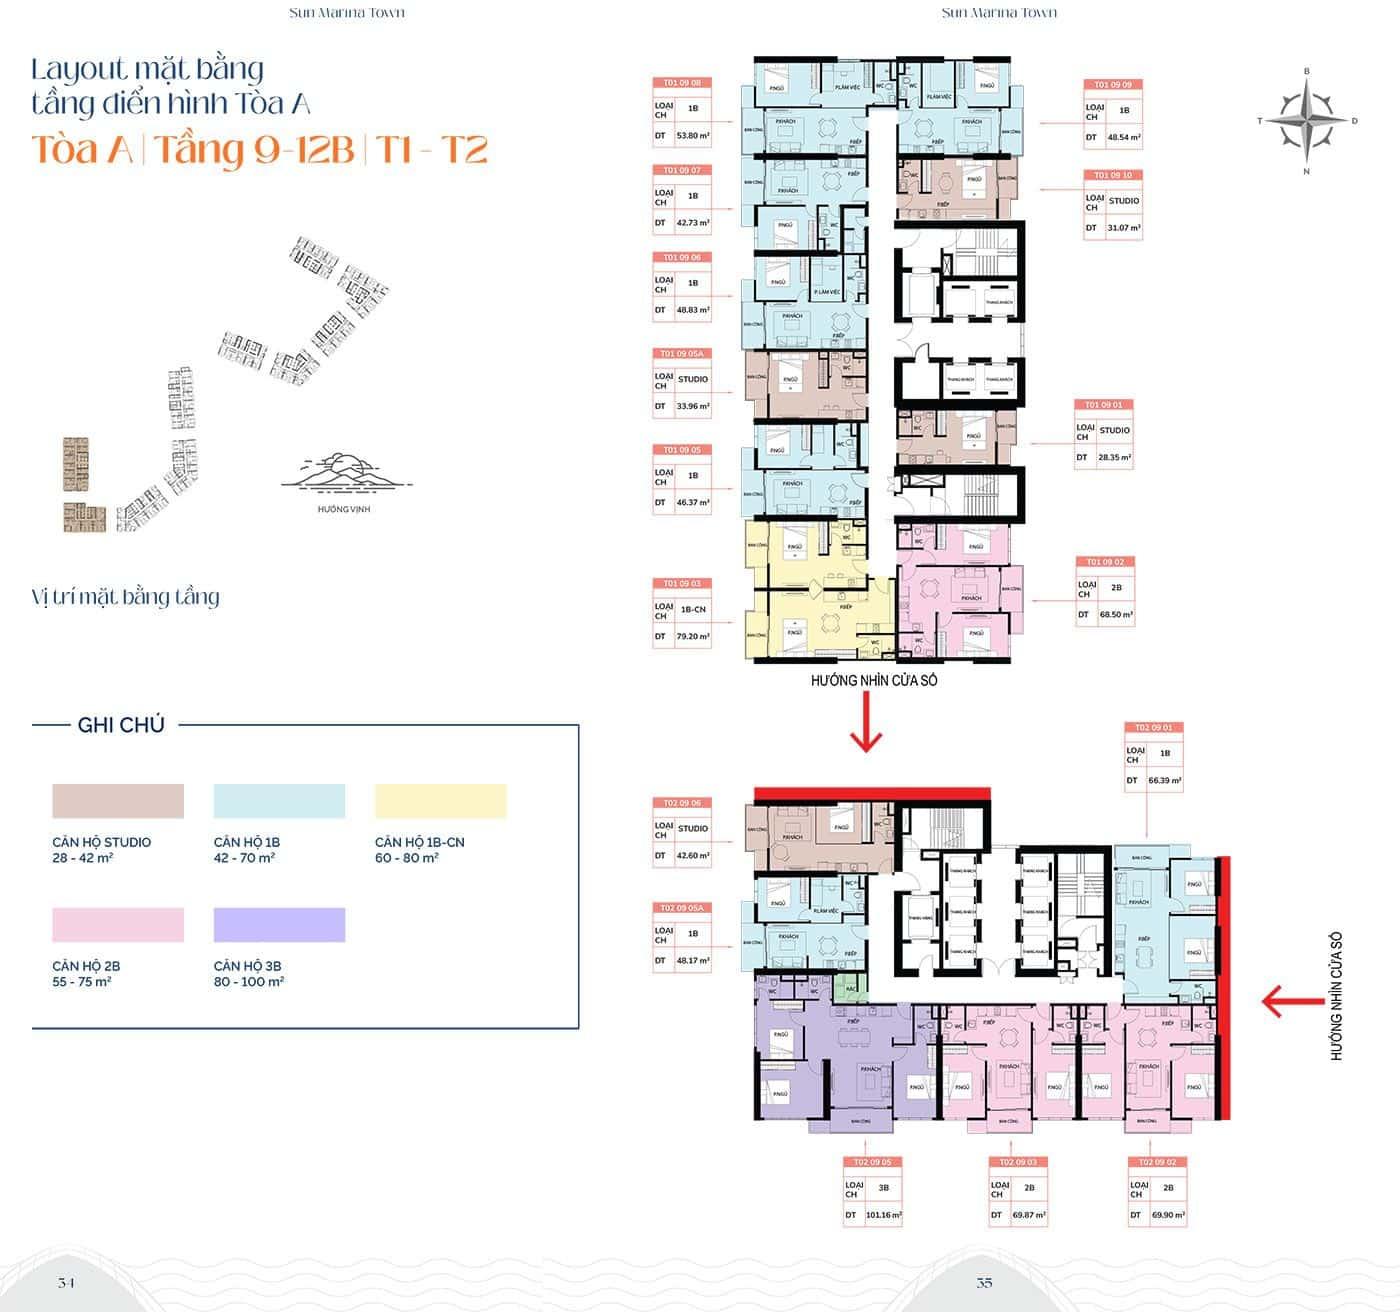 Mặt bằng tầng điển hình tòa A, từ tầng 9 đến tầng 12B, T1 và T2.